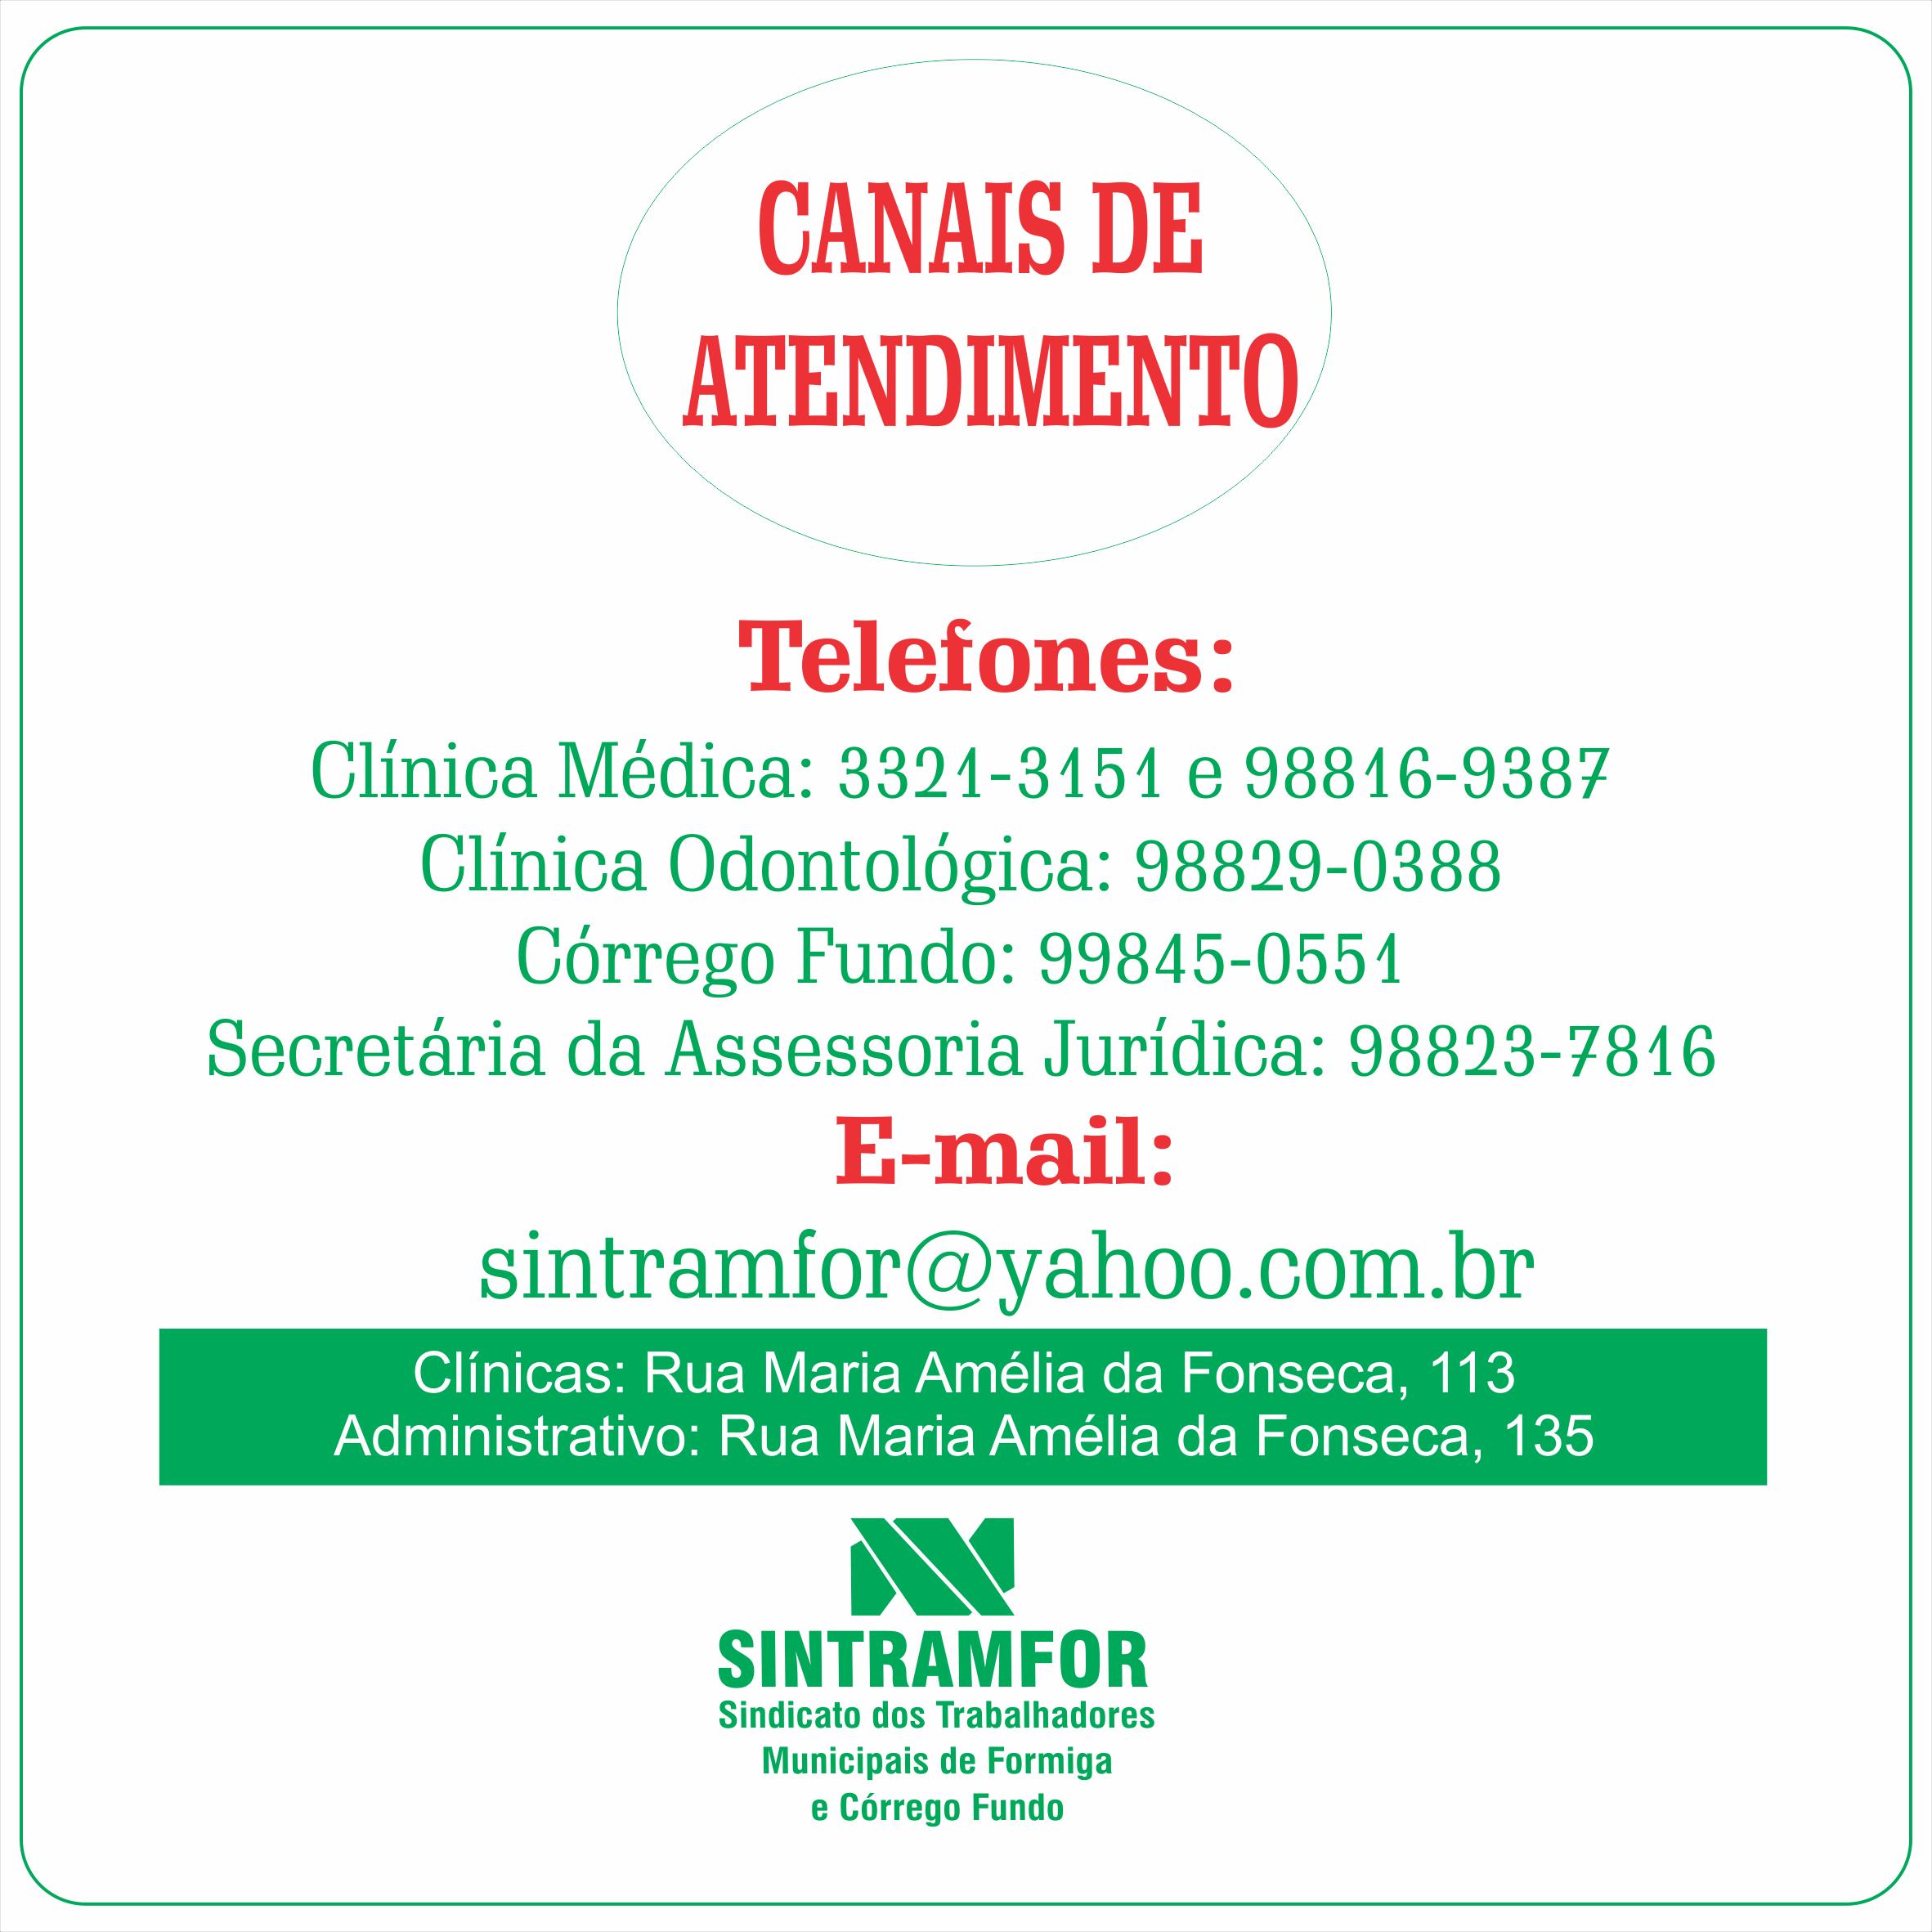 canais_de_atendimento_sintramfor